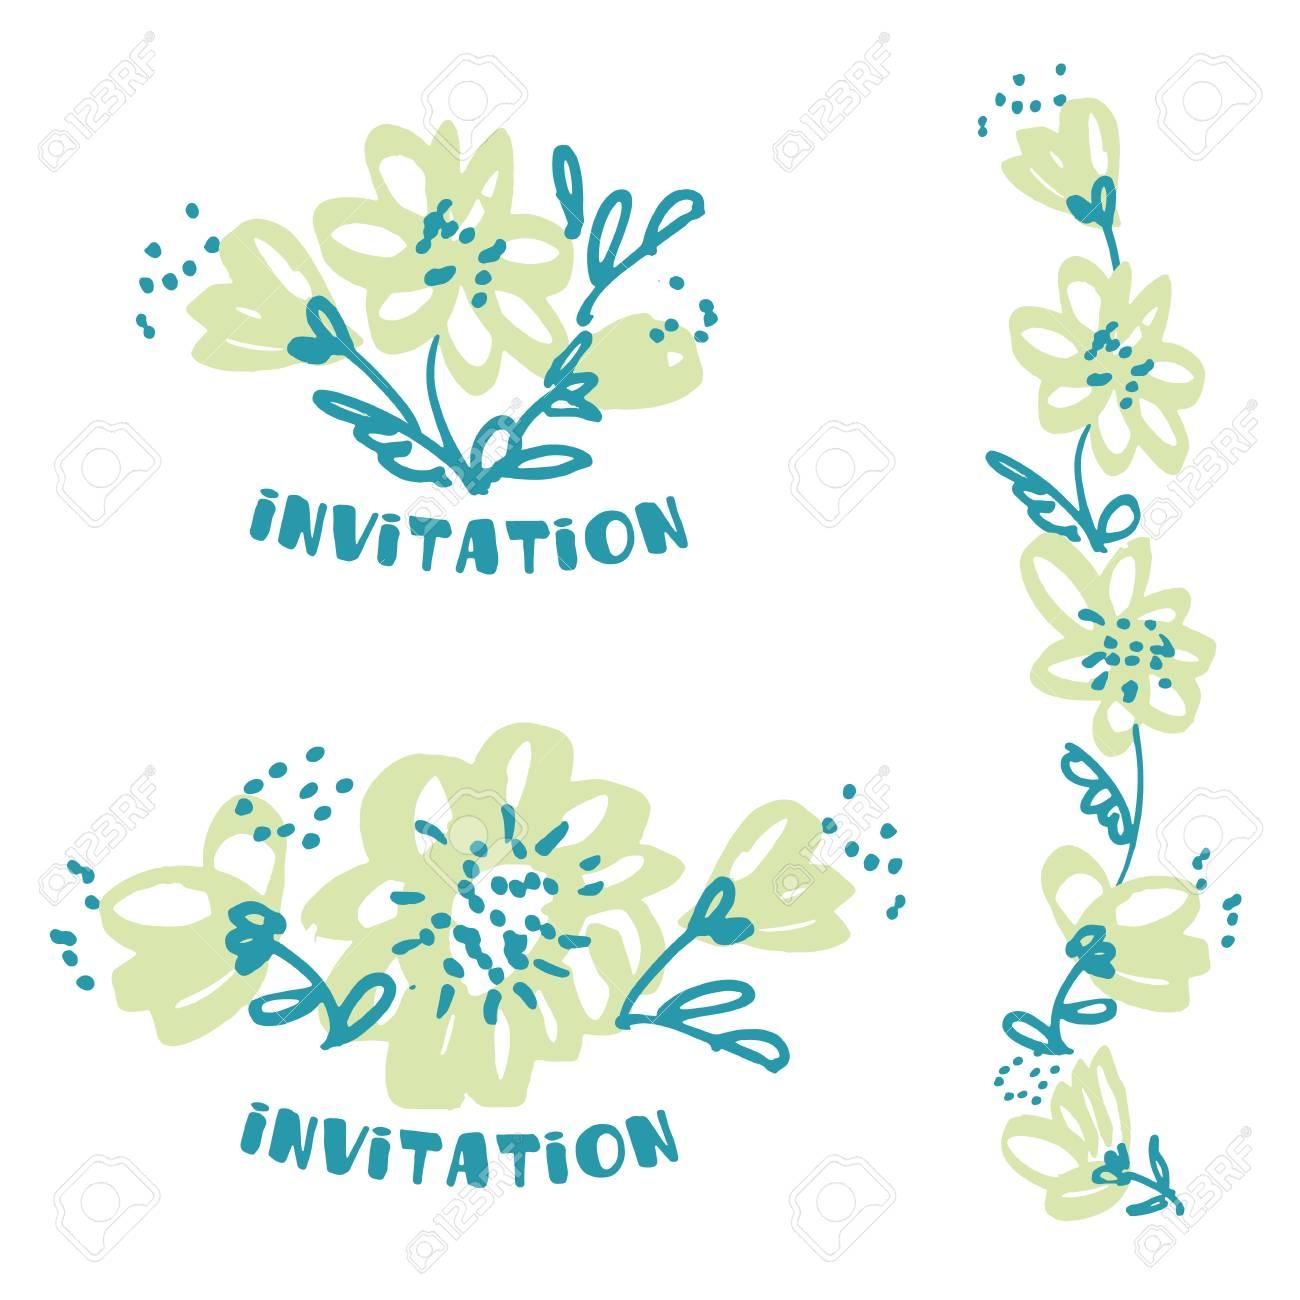 Fleur à Dessin à Main Levée En Couleur Pâle Pâle élément De Design Floral En Parfait Pour Carte En Tête Invitation Illustration Vectorielle Pour